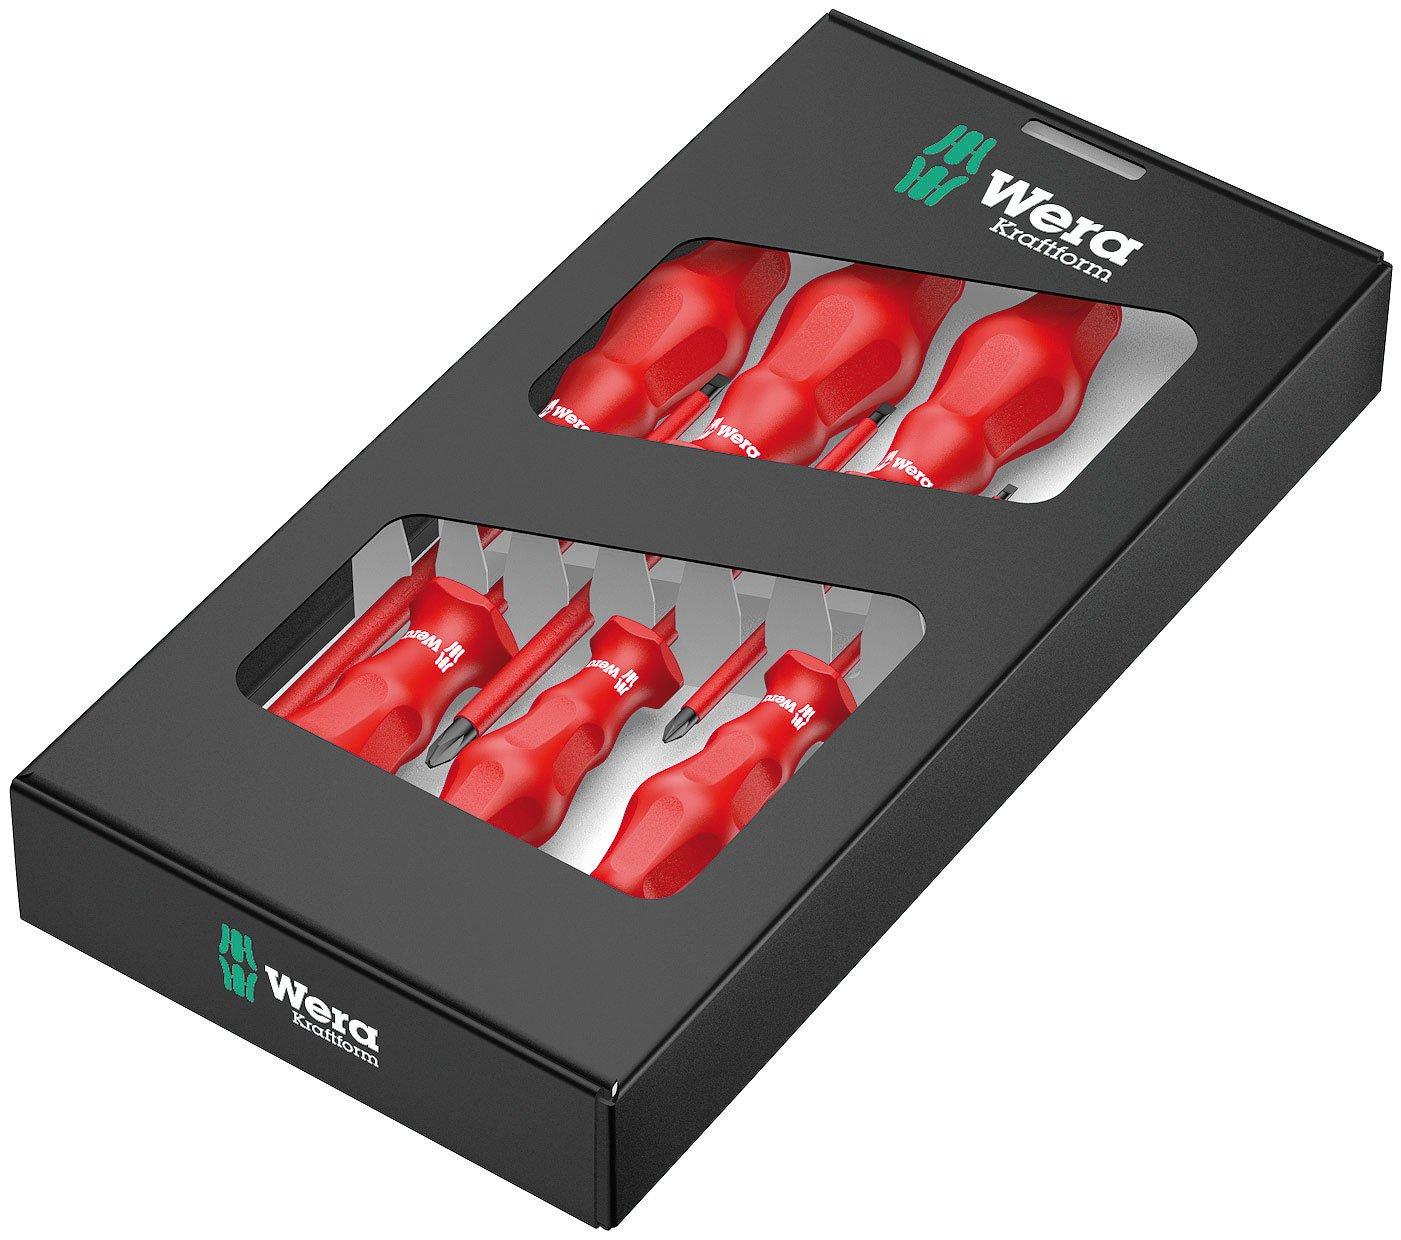 Wera Kraftform Classic VDE 1760i/6 Insulated Economical Screwdriver Set, 6-Piece Wera Tools 05031282001